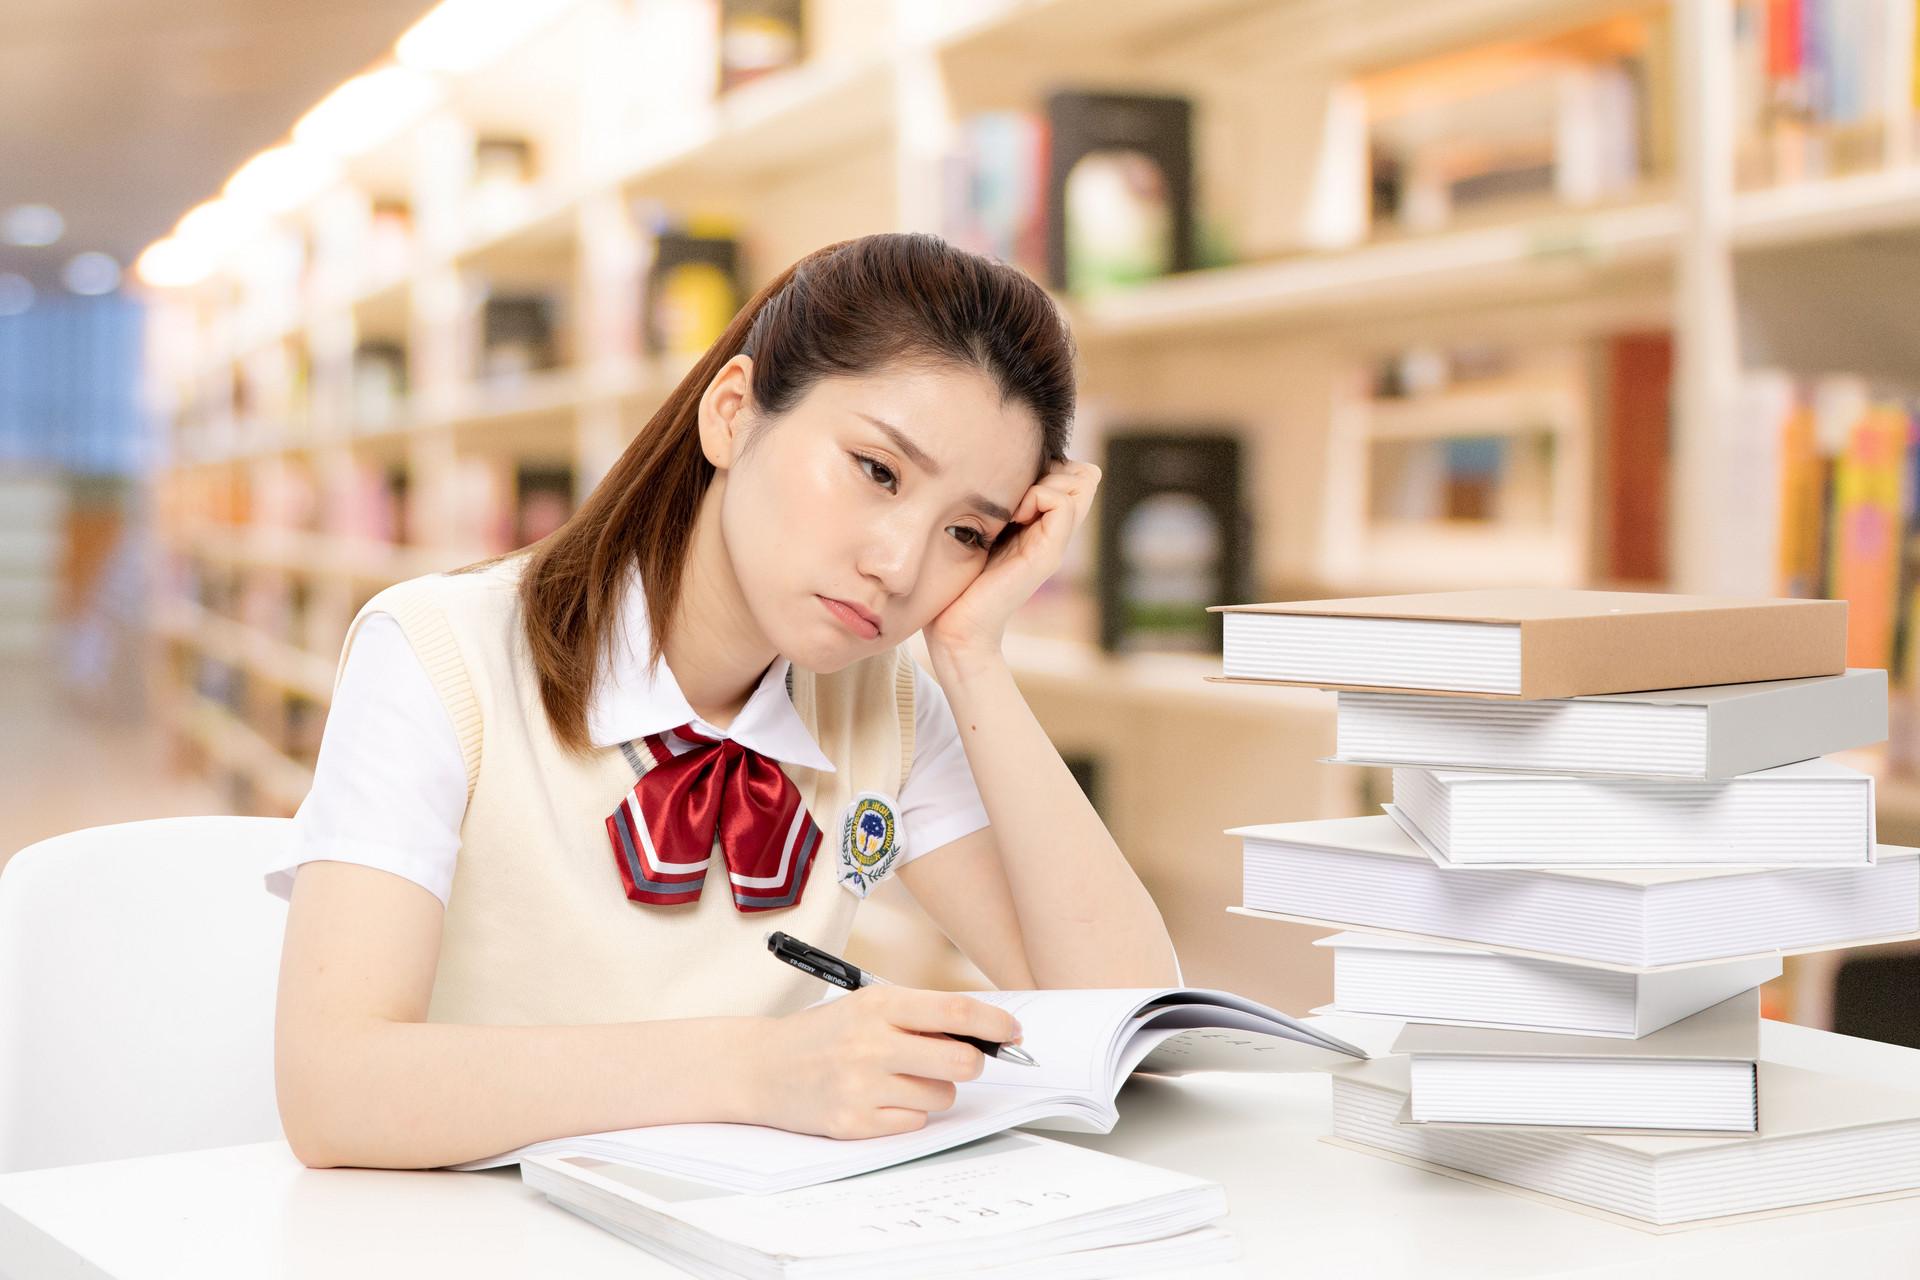 义乌日语高考培训价格